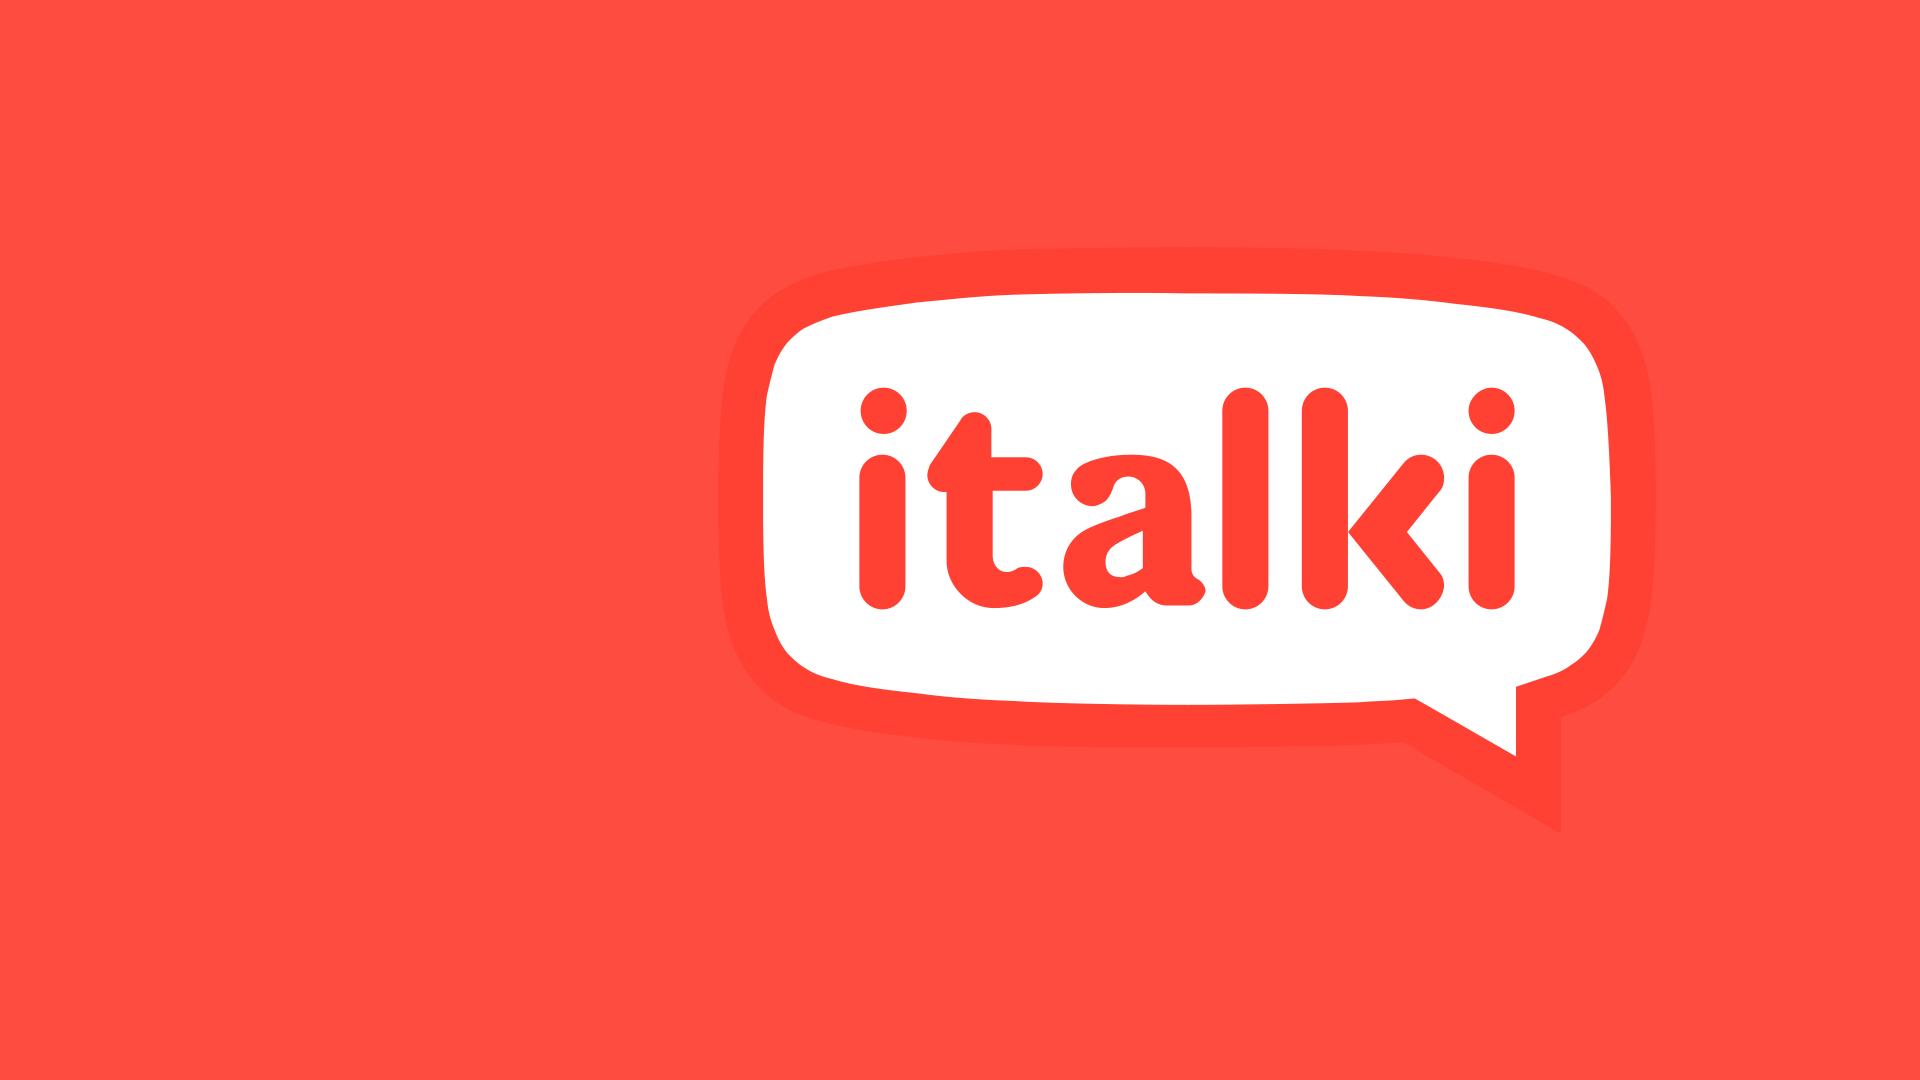 Đánh giá italki: Có phải là nơi tốt nhất để bạn thuần thục một ngôn ngữ?